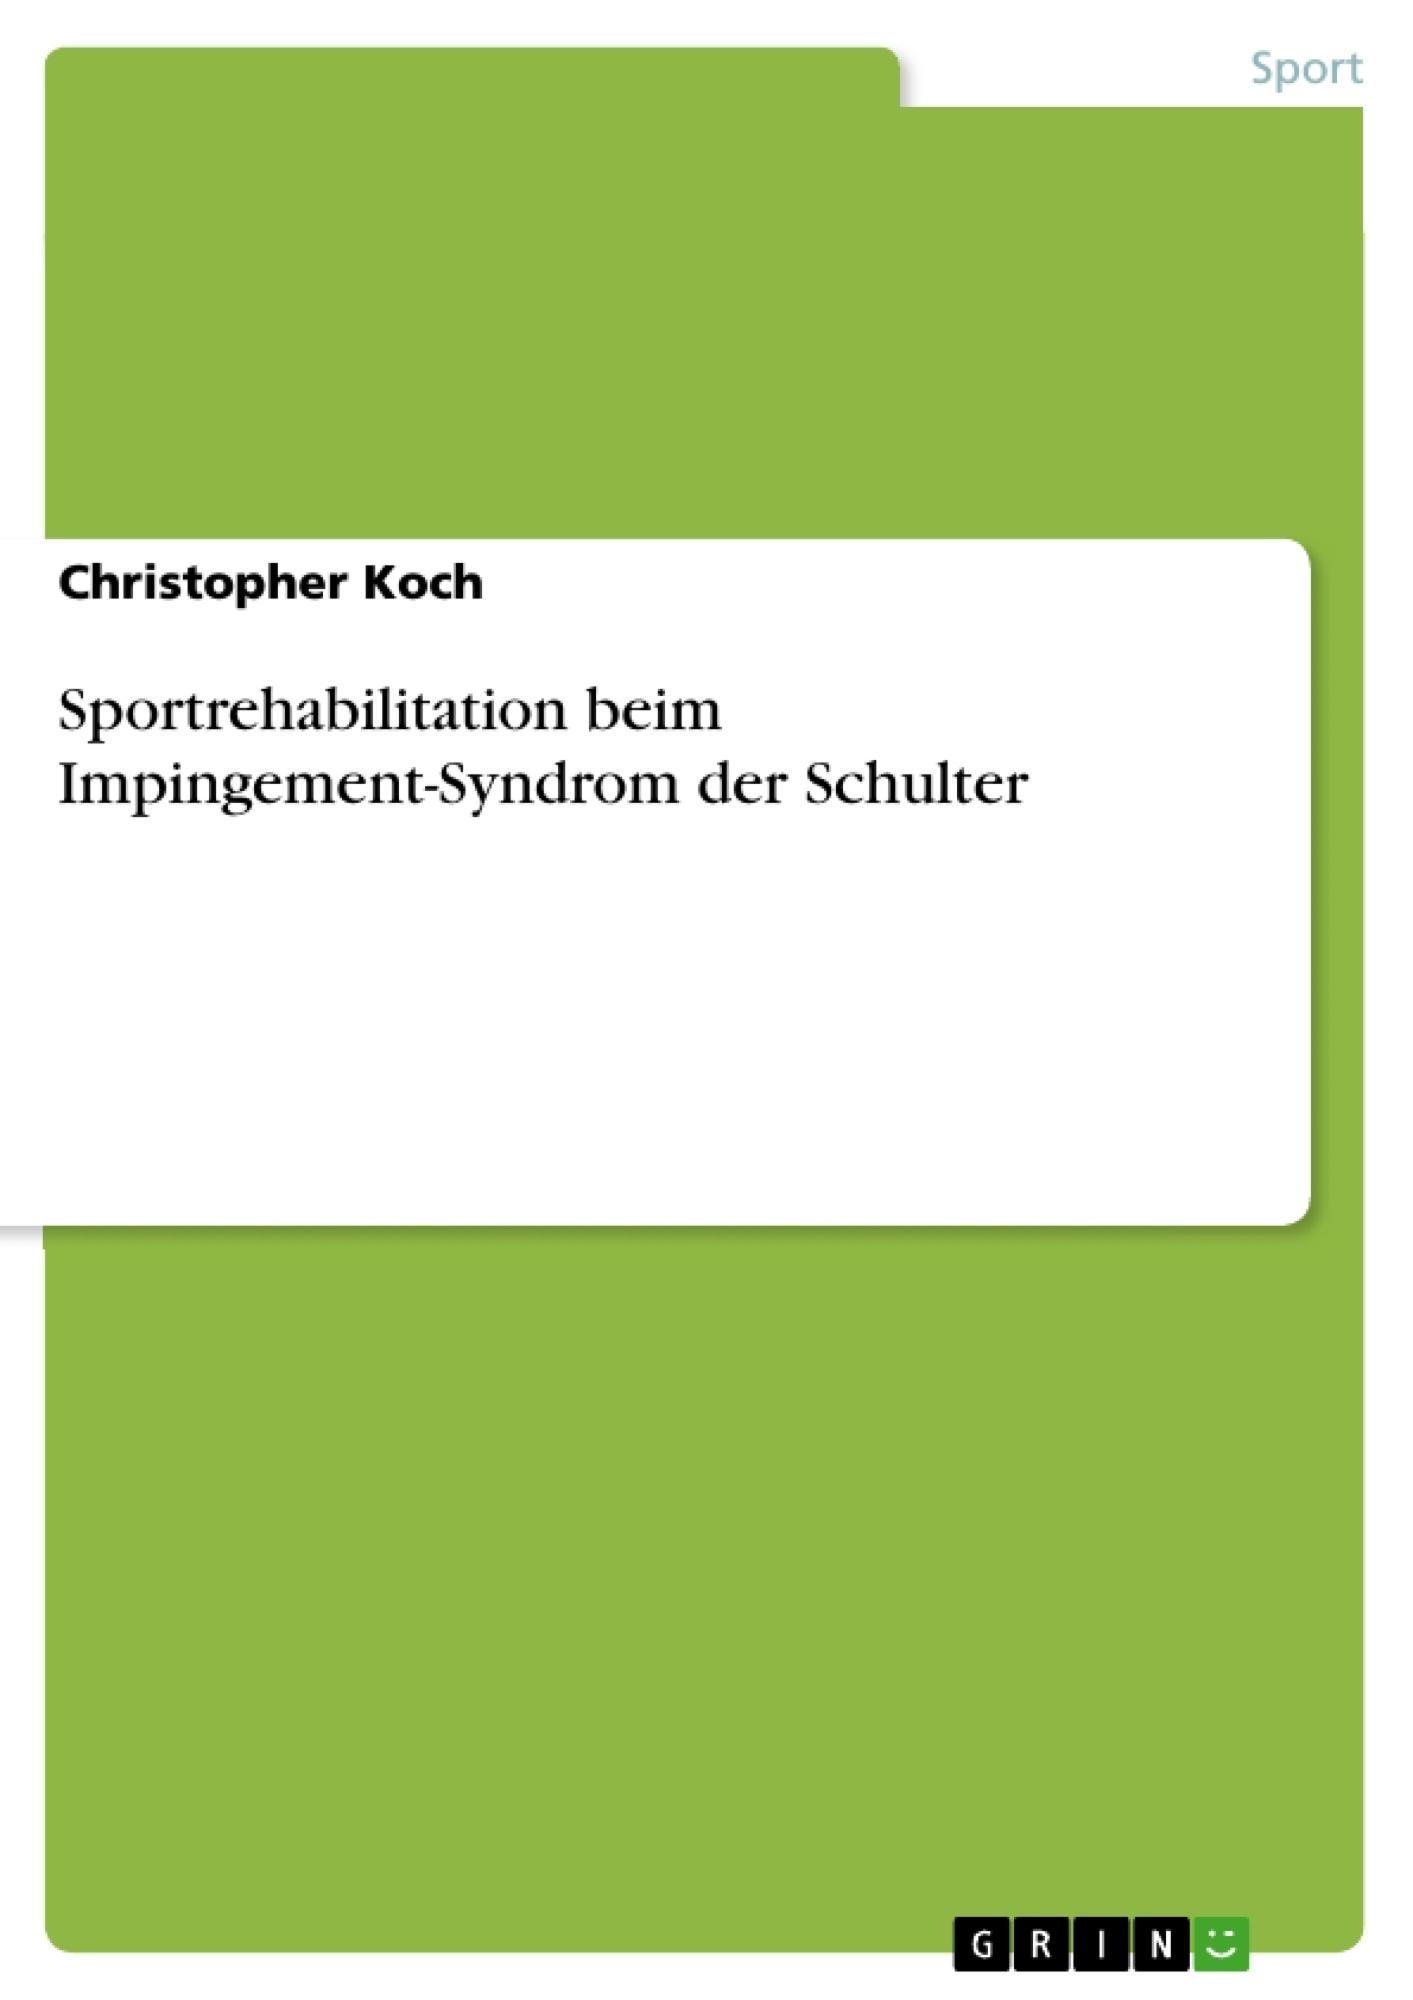 Sportrehabilitation beim Impingement-Syndrom der Schulter ...